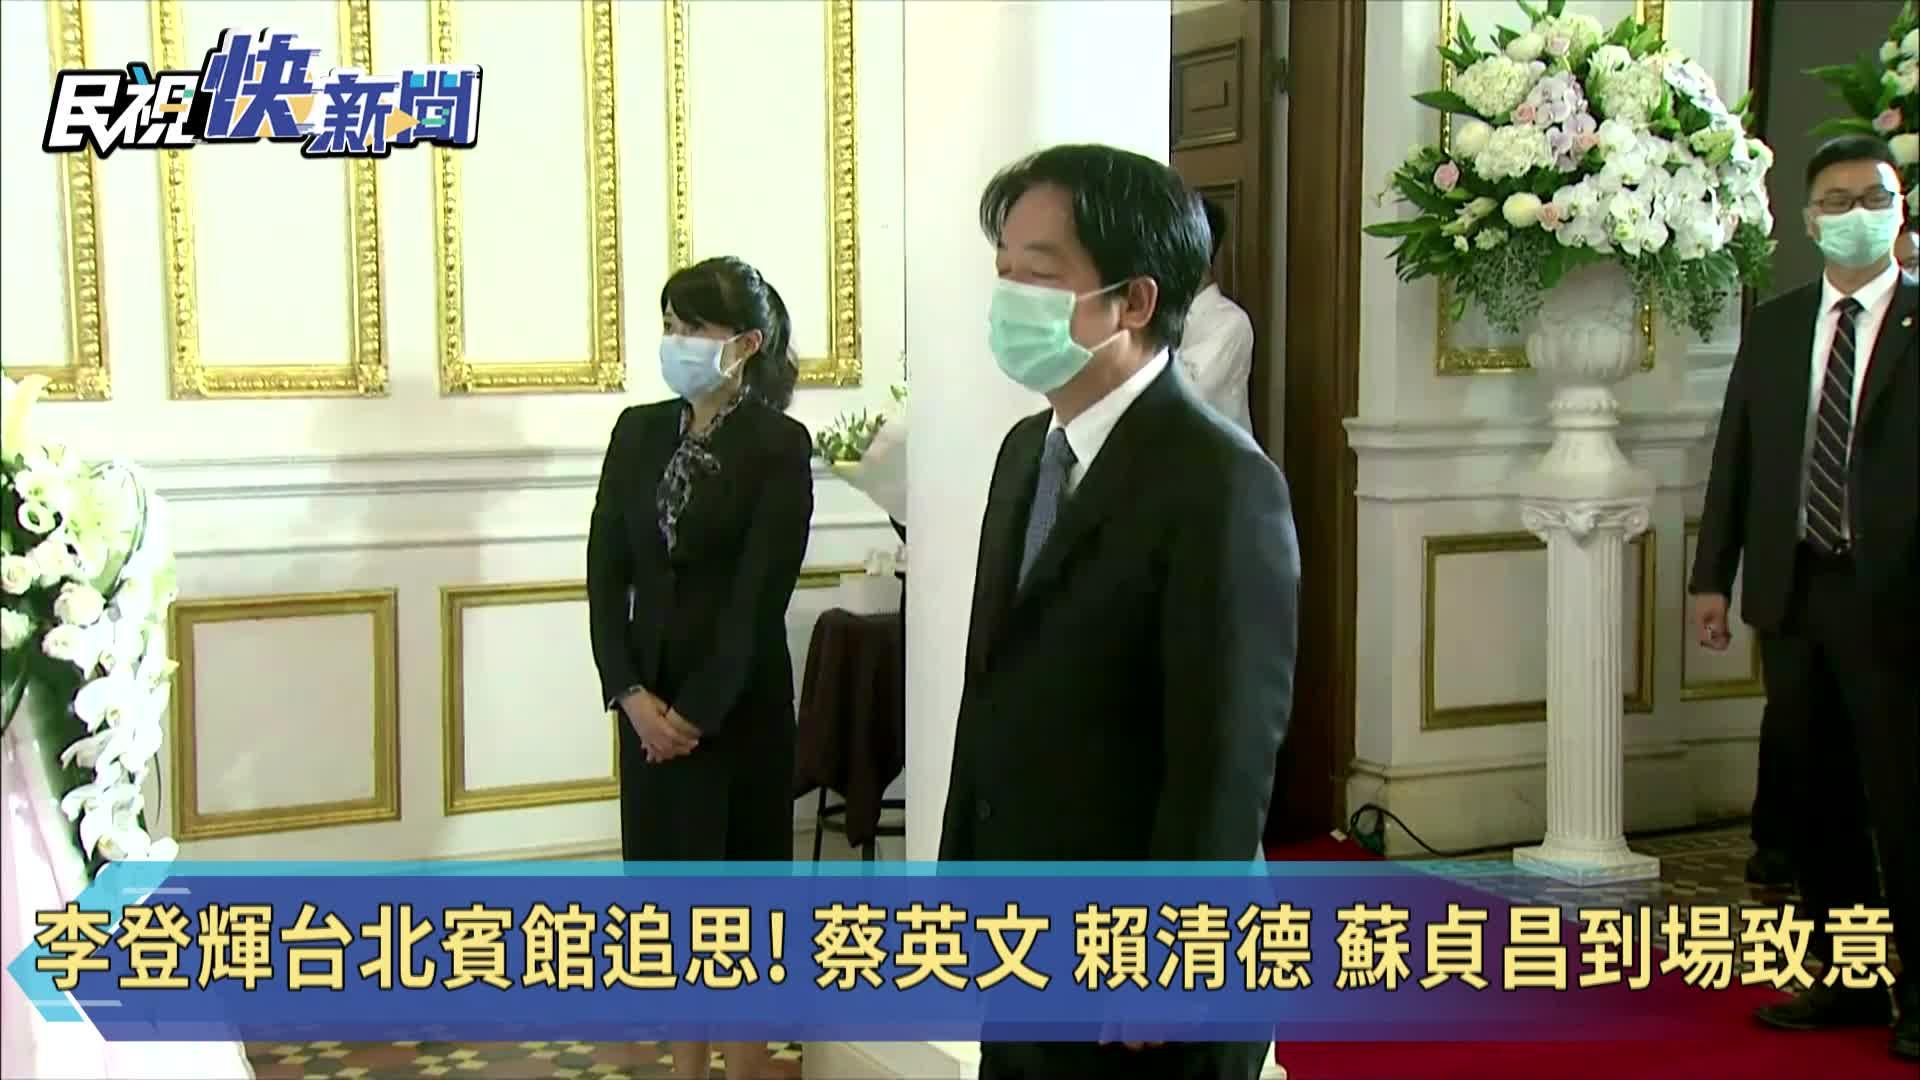 快新聞/台北賓館追思前總統李登輝 蔡賴蘇獻花